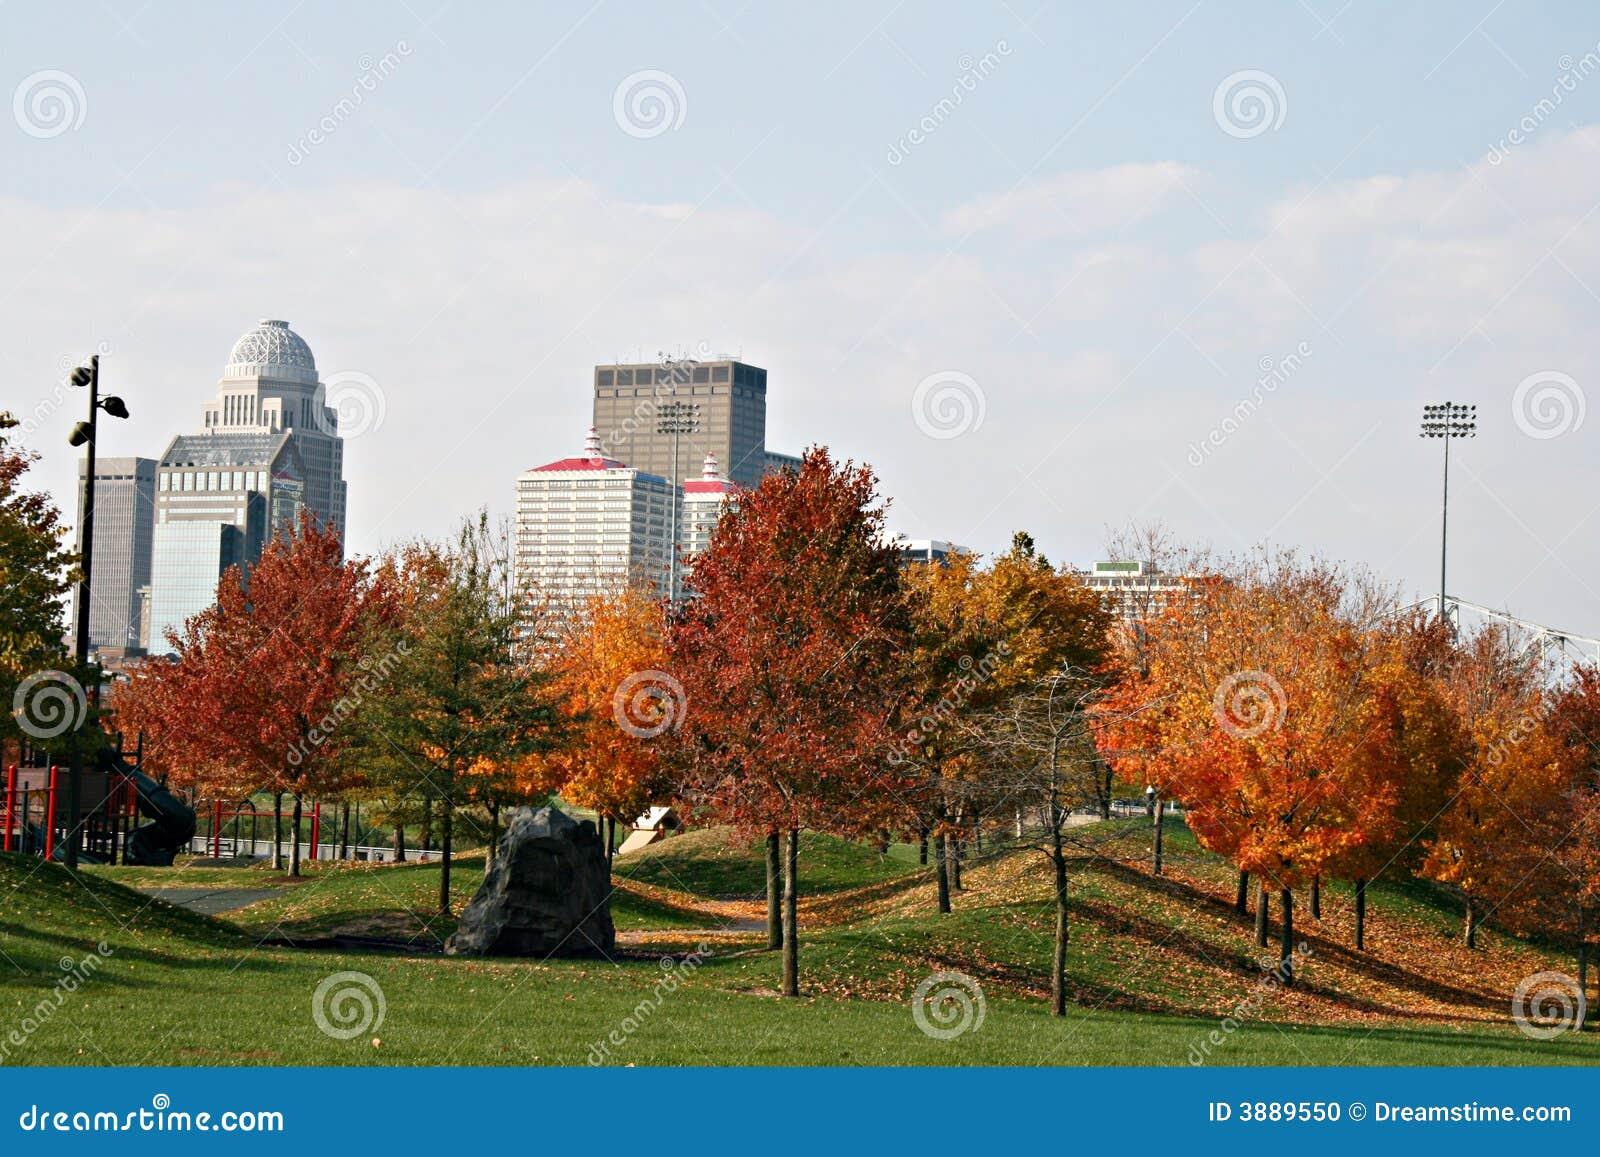 Fall kentucky louisville